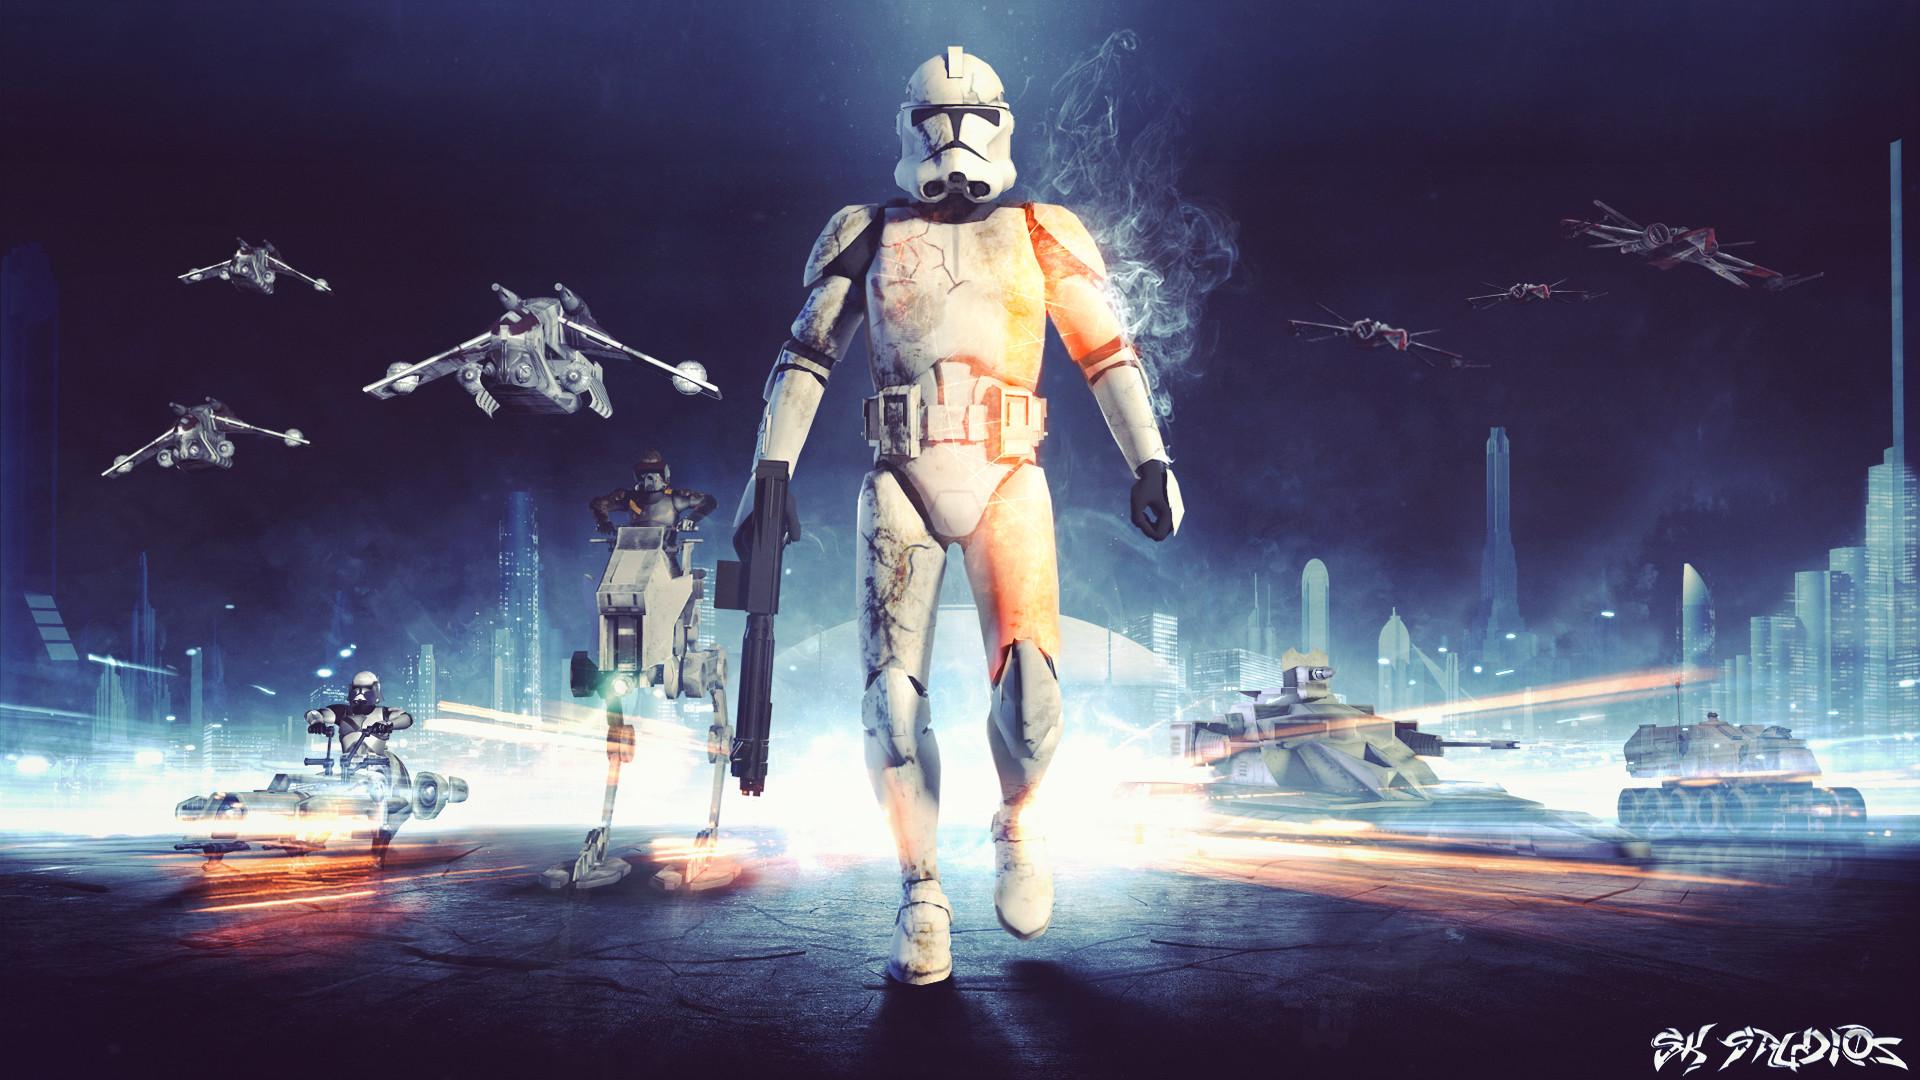 Star Wars Background HD